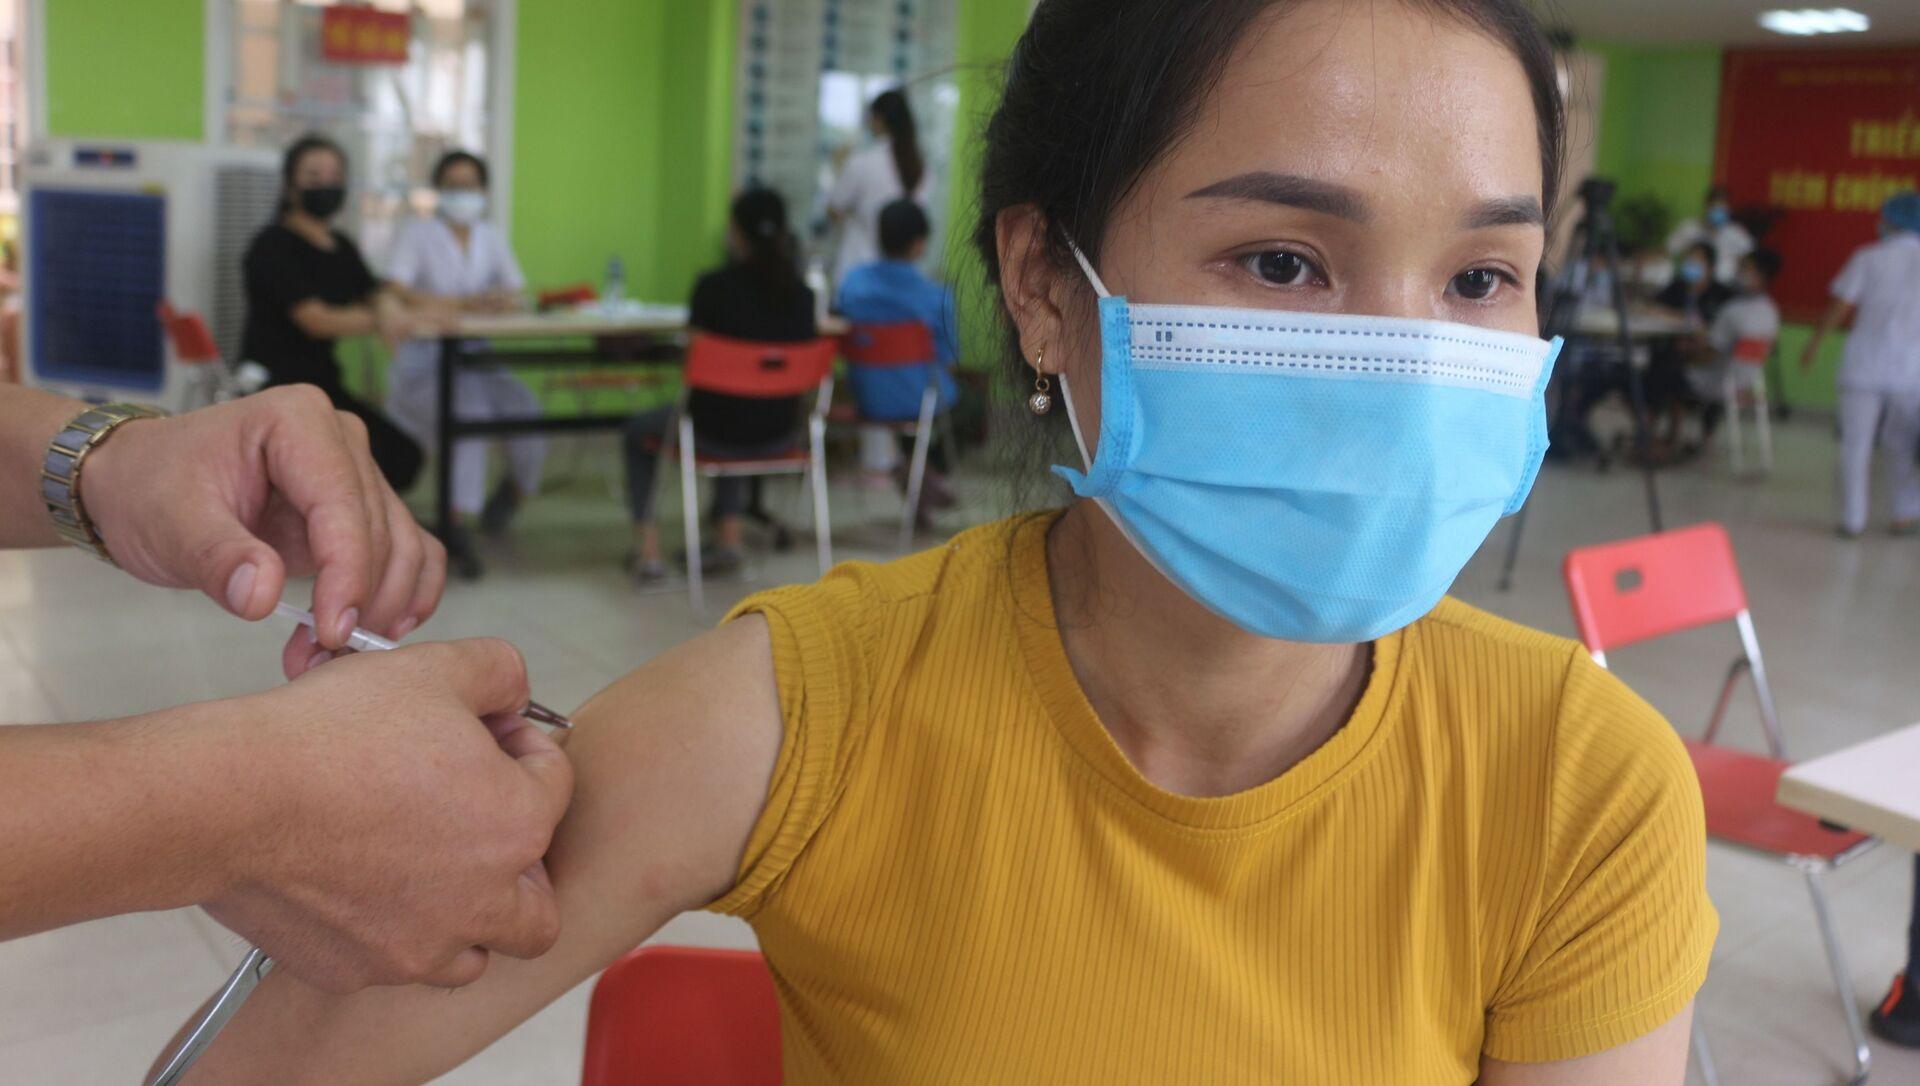 Cư dân các xã, phường biên giới của thành phố Móng được tiêm vaccine phòng COVID-19 mũi 2. - Sputnik Việt Nam, 1920, 05.08.2021